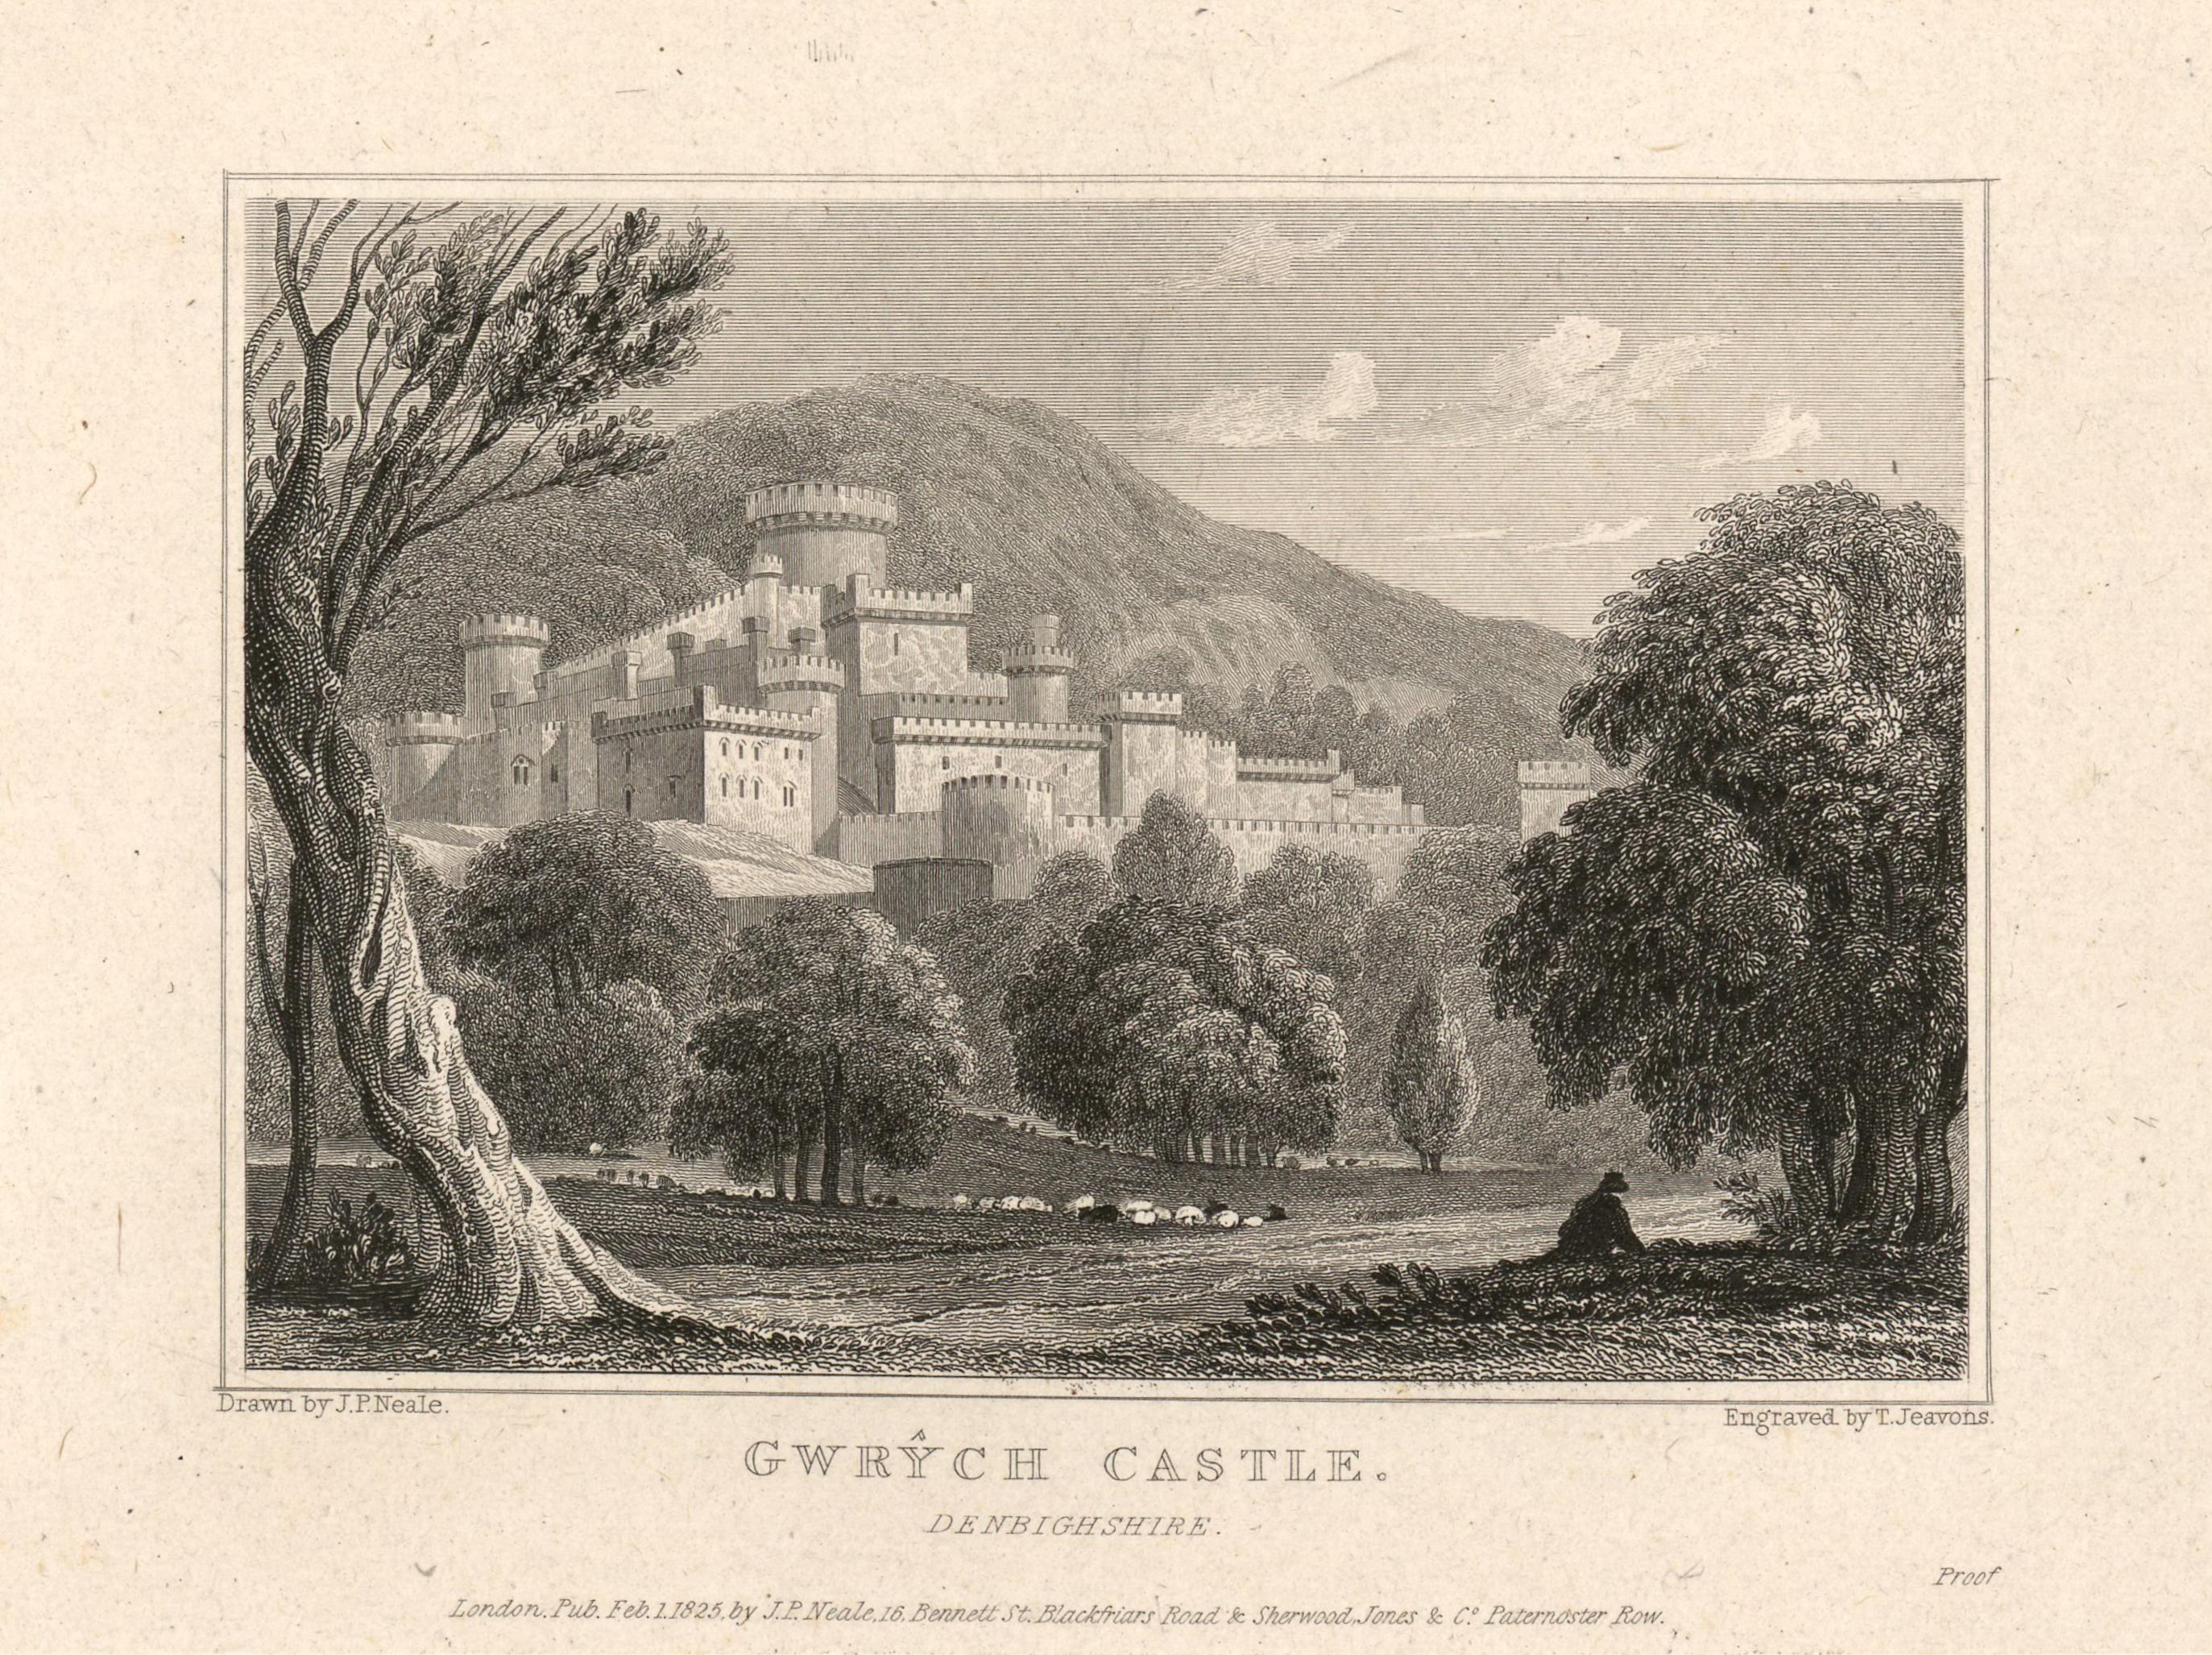 Gwrych Castle, Denbighshire